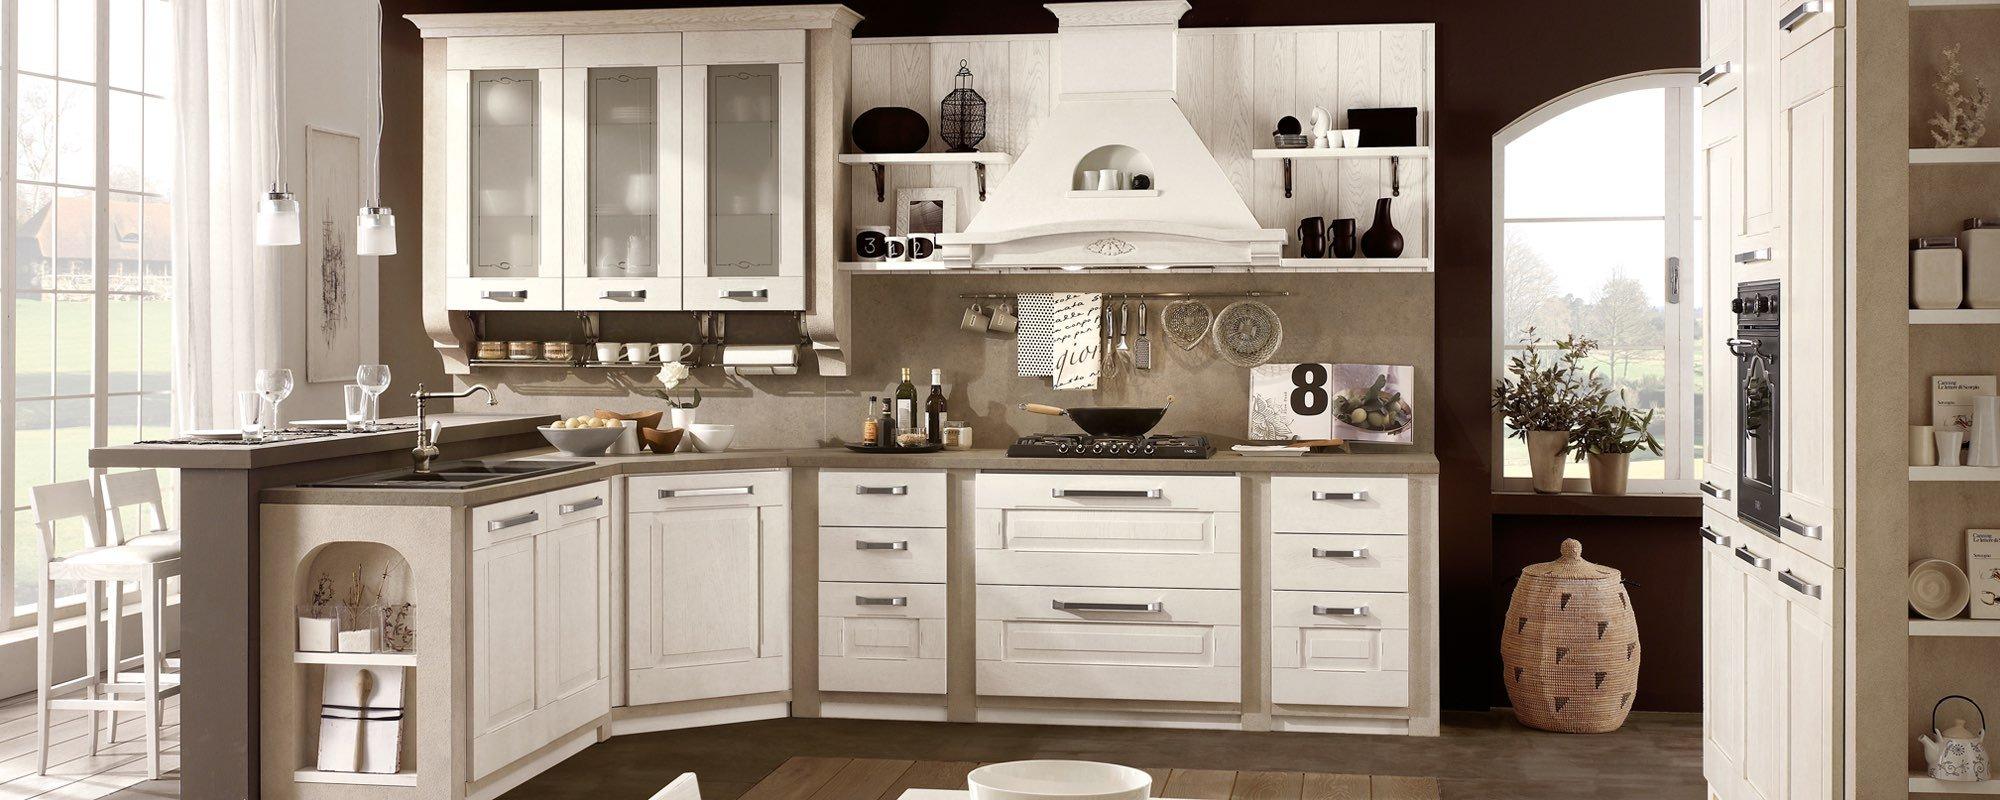 cucina dalla linea classica bianca in legno con arredamento -AIDA